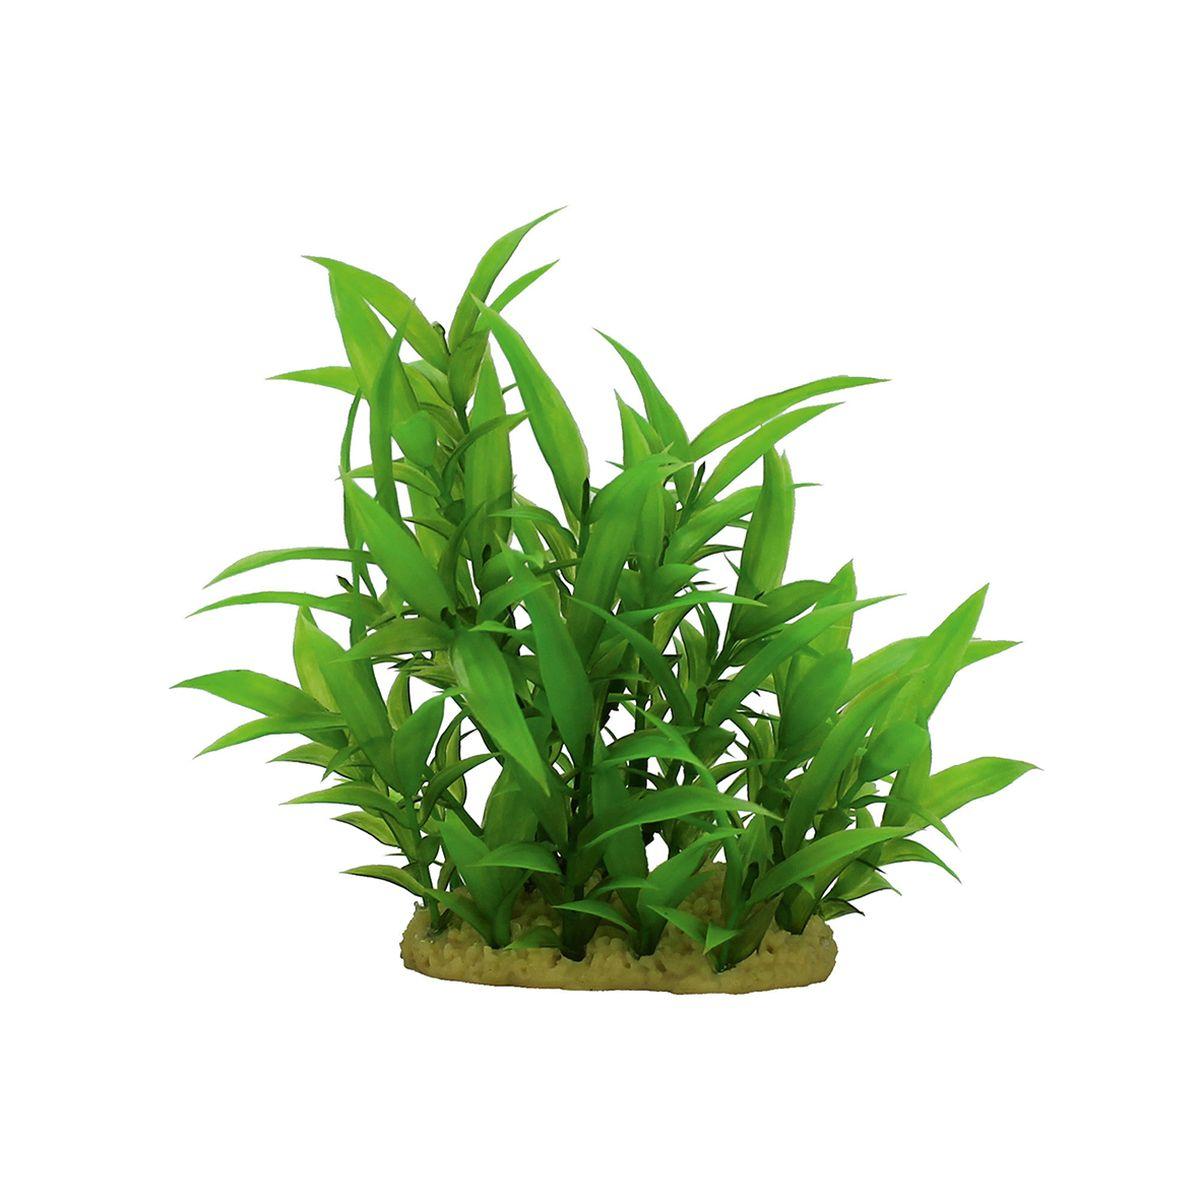 Растение для аквариума ArtUniq Гигрофила сиамская, высота 15 см. ART-11601180120710Композиция из искусственных растений ArtUniq превосходно украсит и оживит аквариум.Растения - это важная часть любой композиции, они помогут вдохнуть жизнь в ландшафт любого аквариума или террариума. А их сходствос природными порадует даже самых взыскательных ценителей.